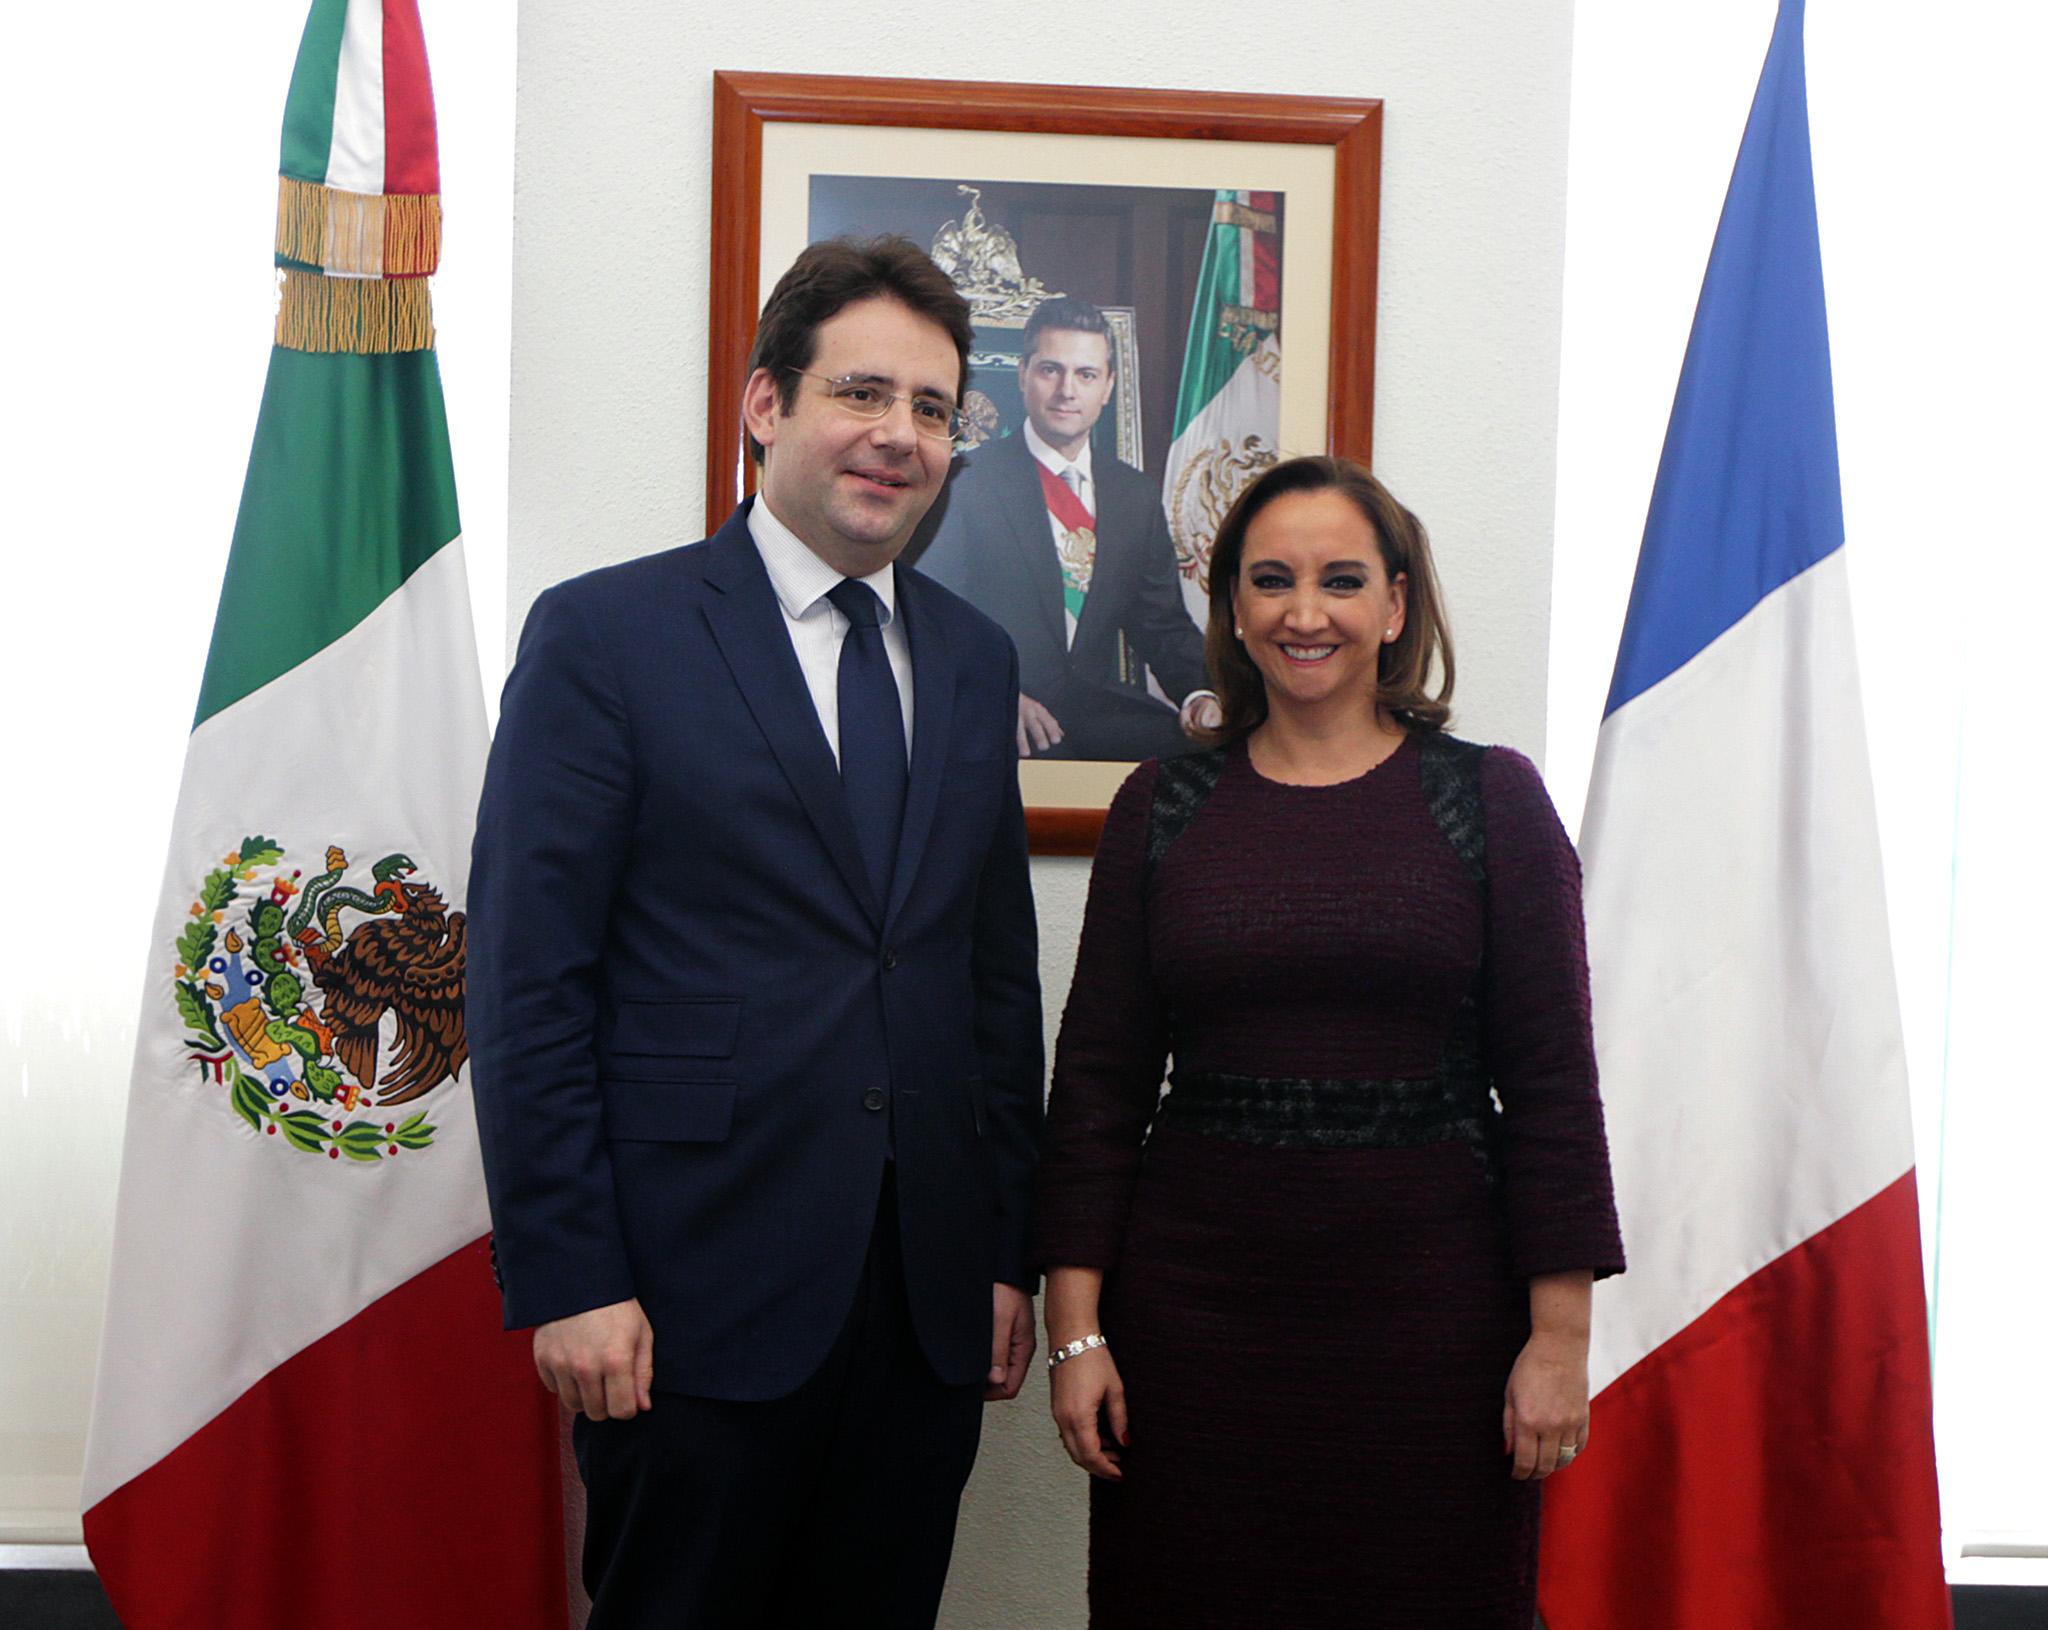 FOTO 1 Canciller Claudia Ruiz Massieu  y Matthias Fekl  Secretario de Estado para el Comercio Exterior y Turismo de la Rep blica Francesa.jpg